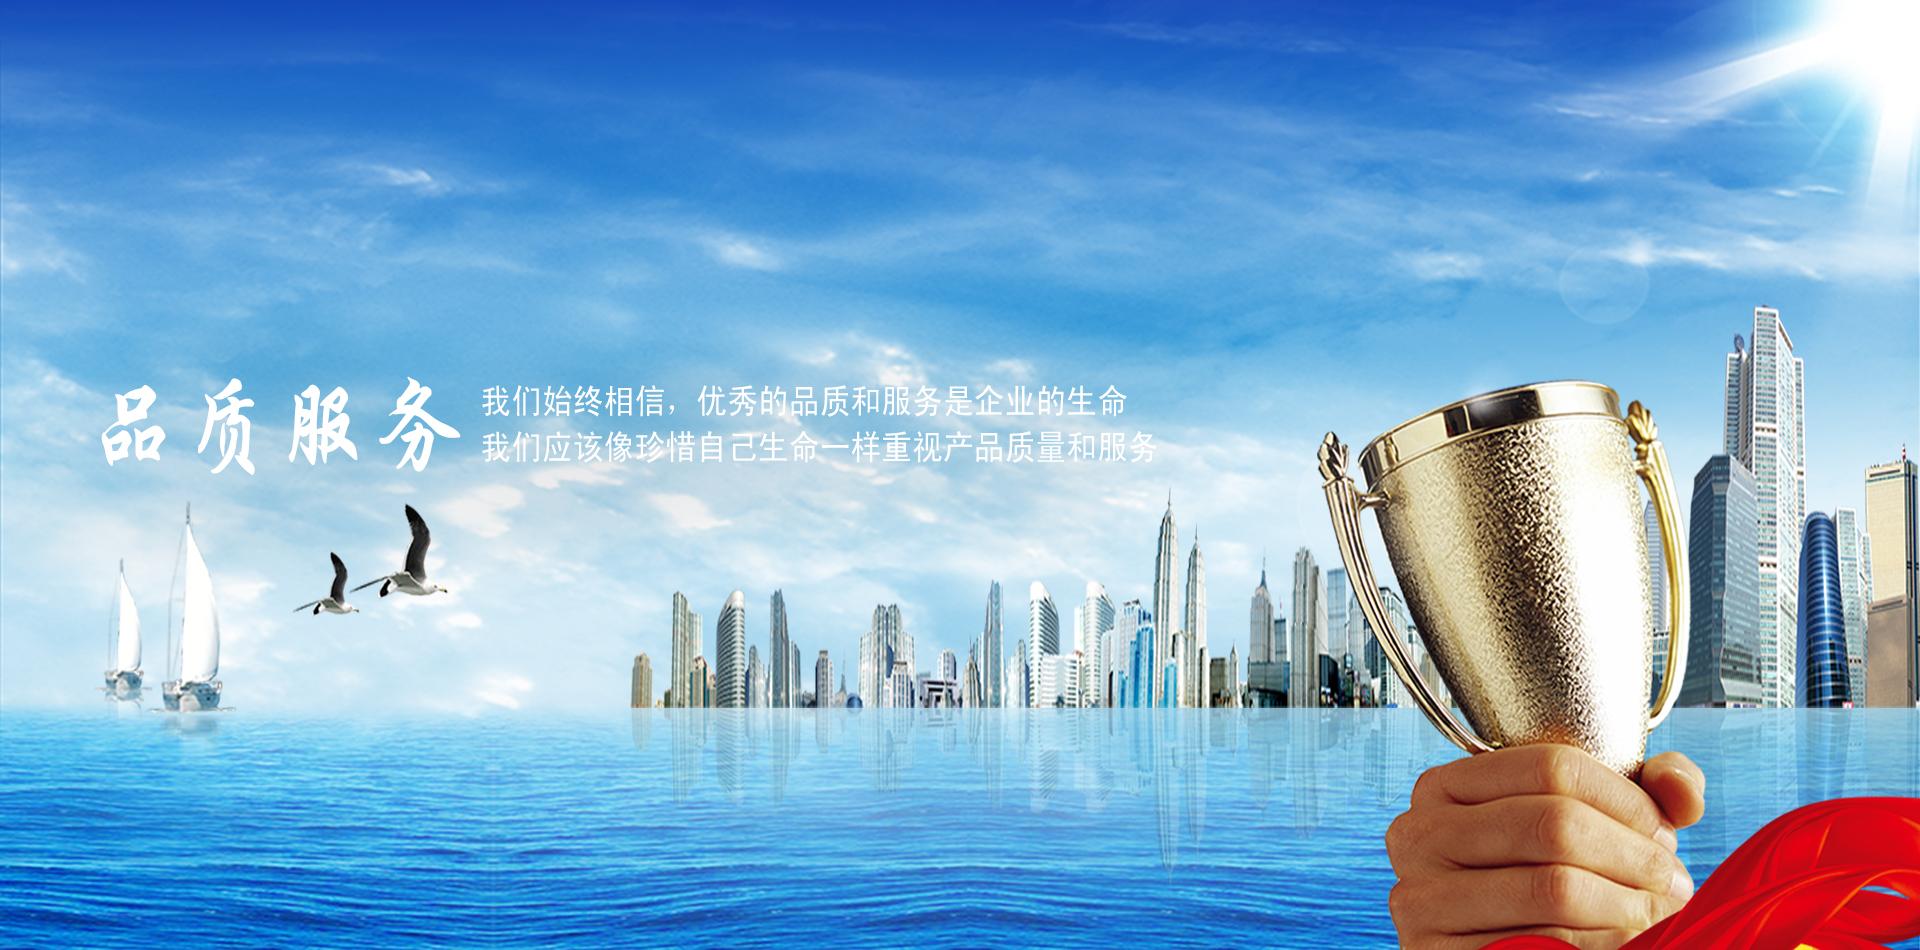 河南永新科技有限公司英文官網